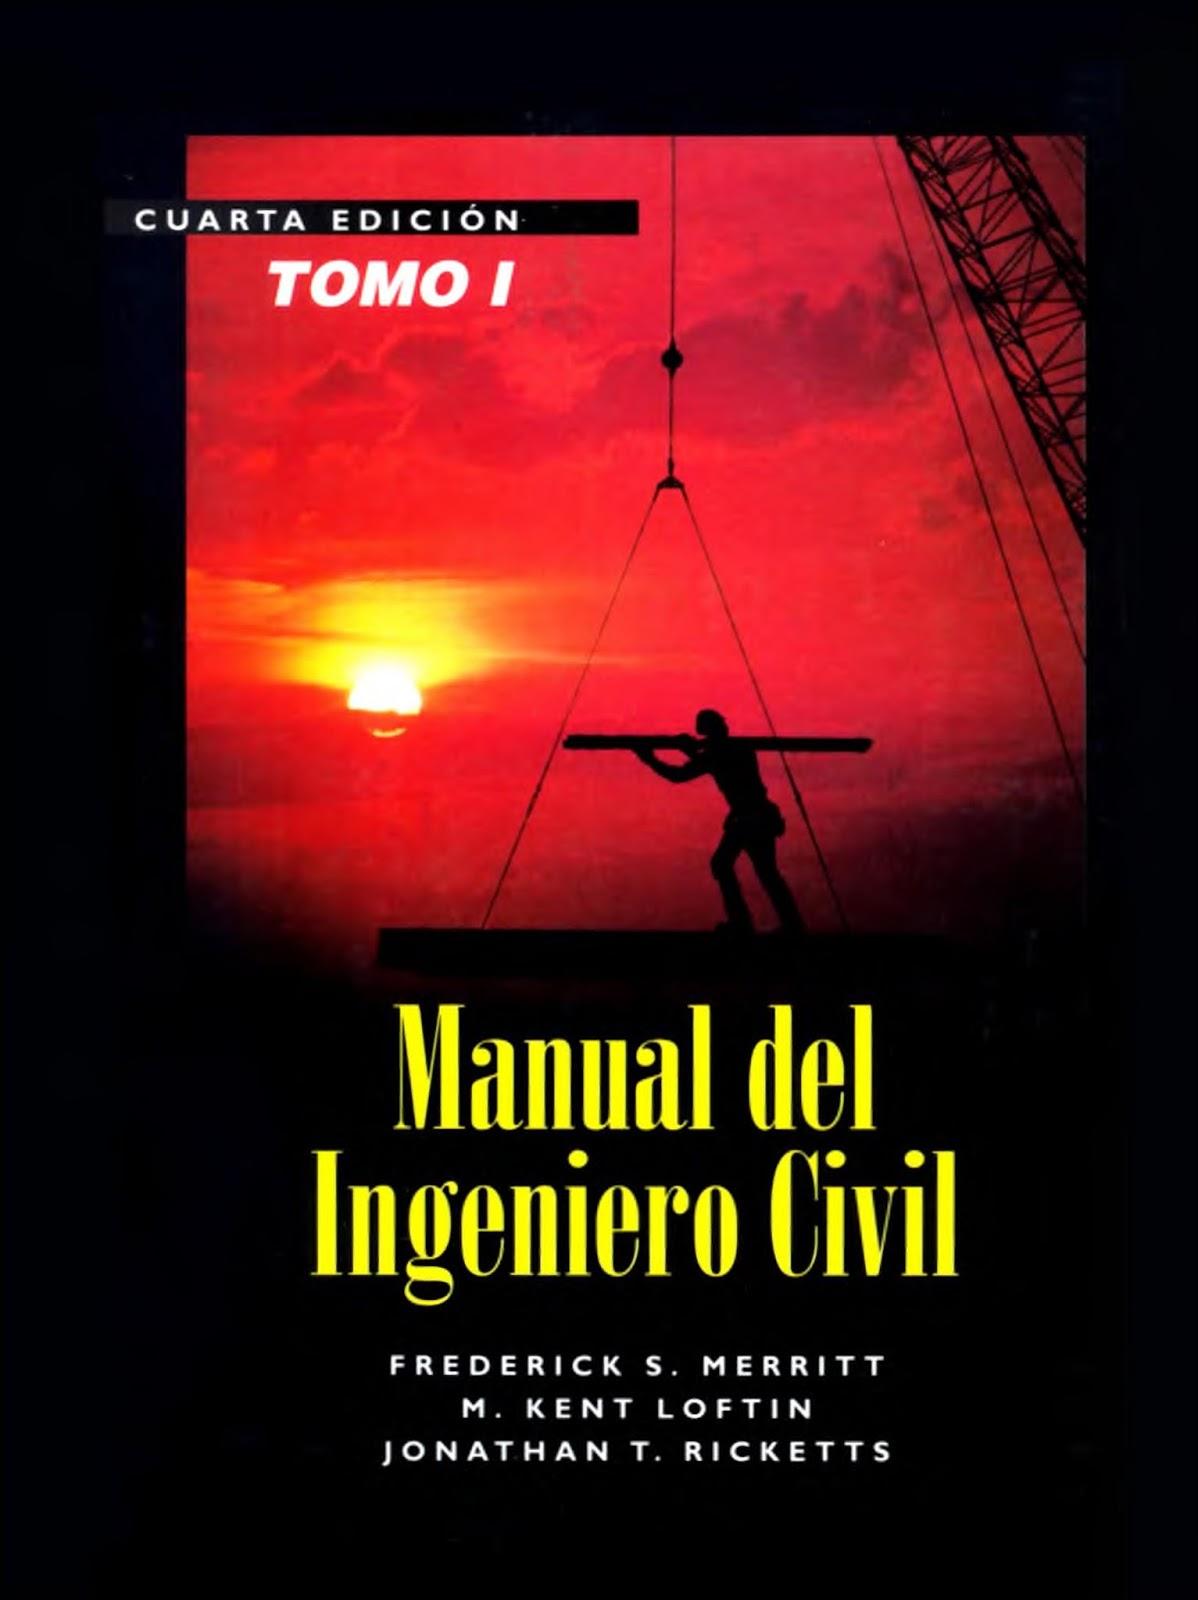 Manual del ingeniero civil: Tomo I, 4ta Edición – Frederick S. Merritt